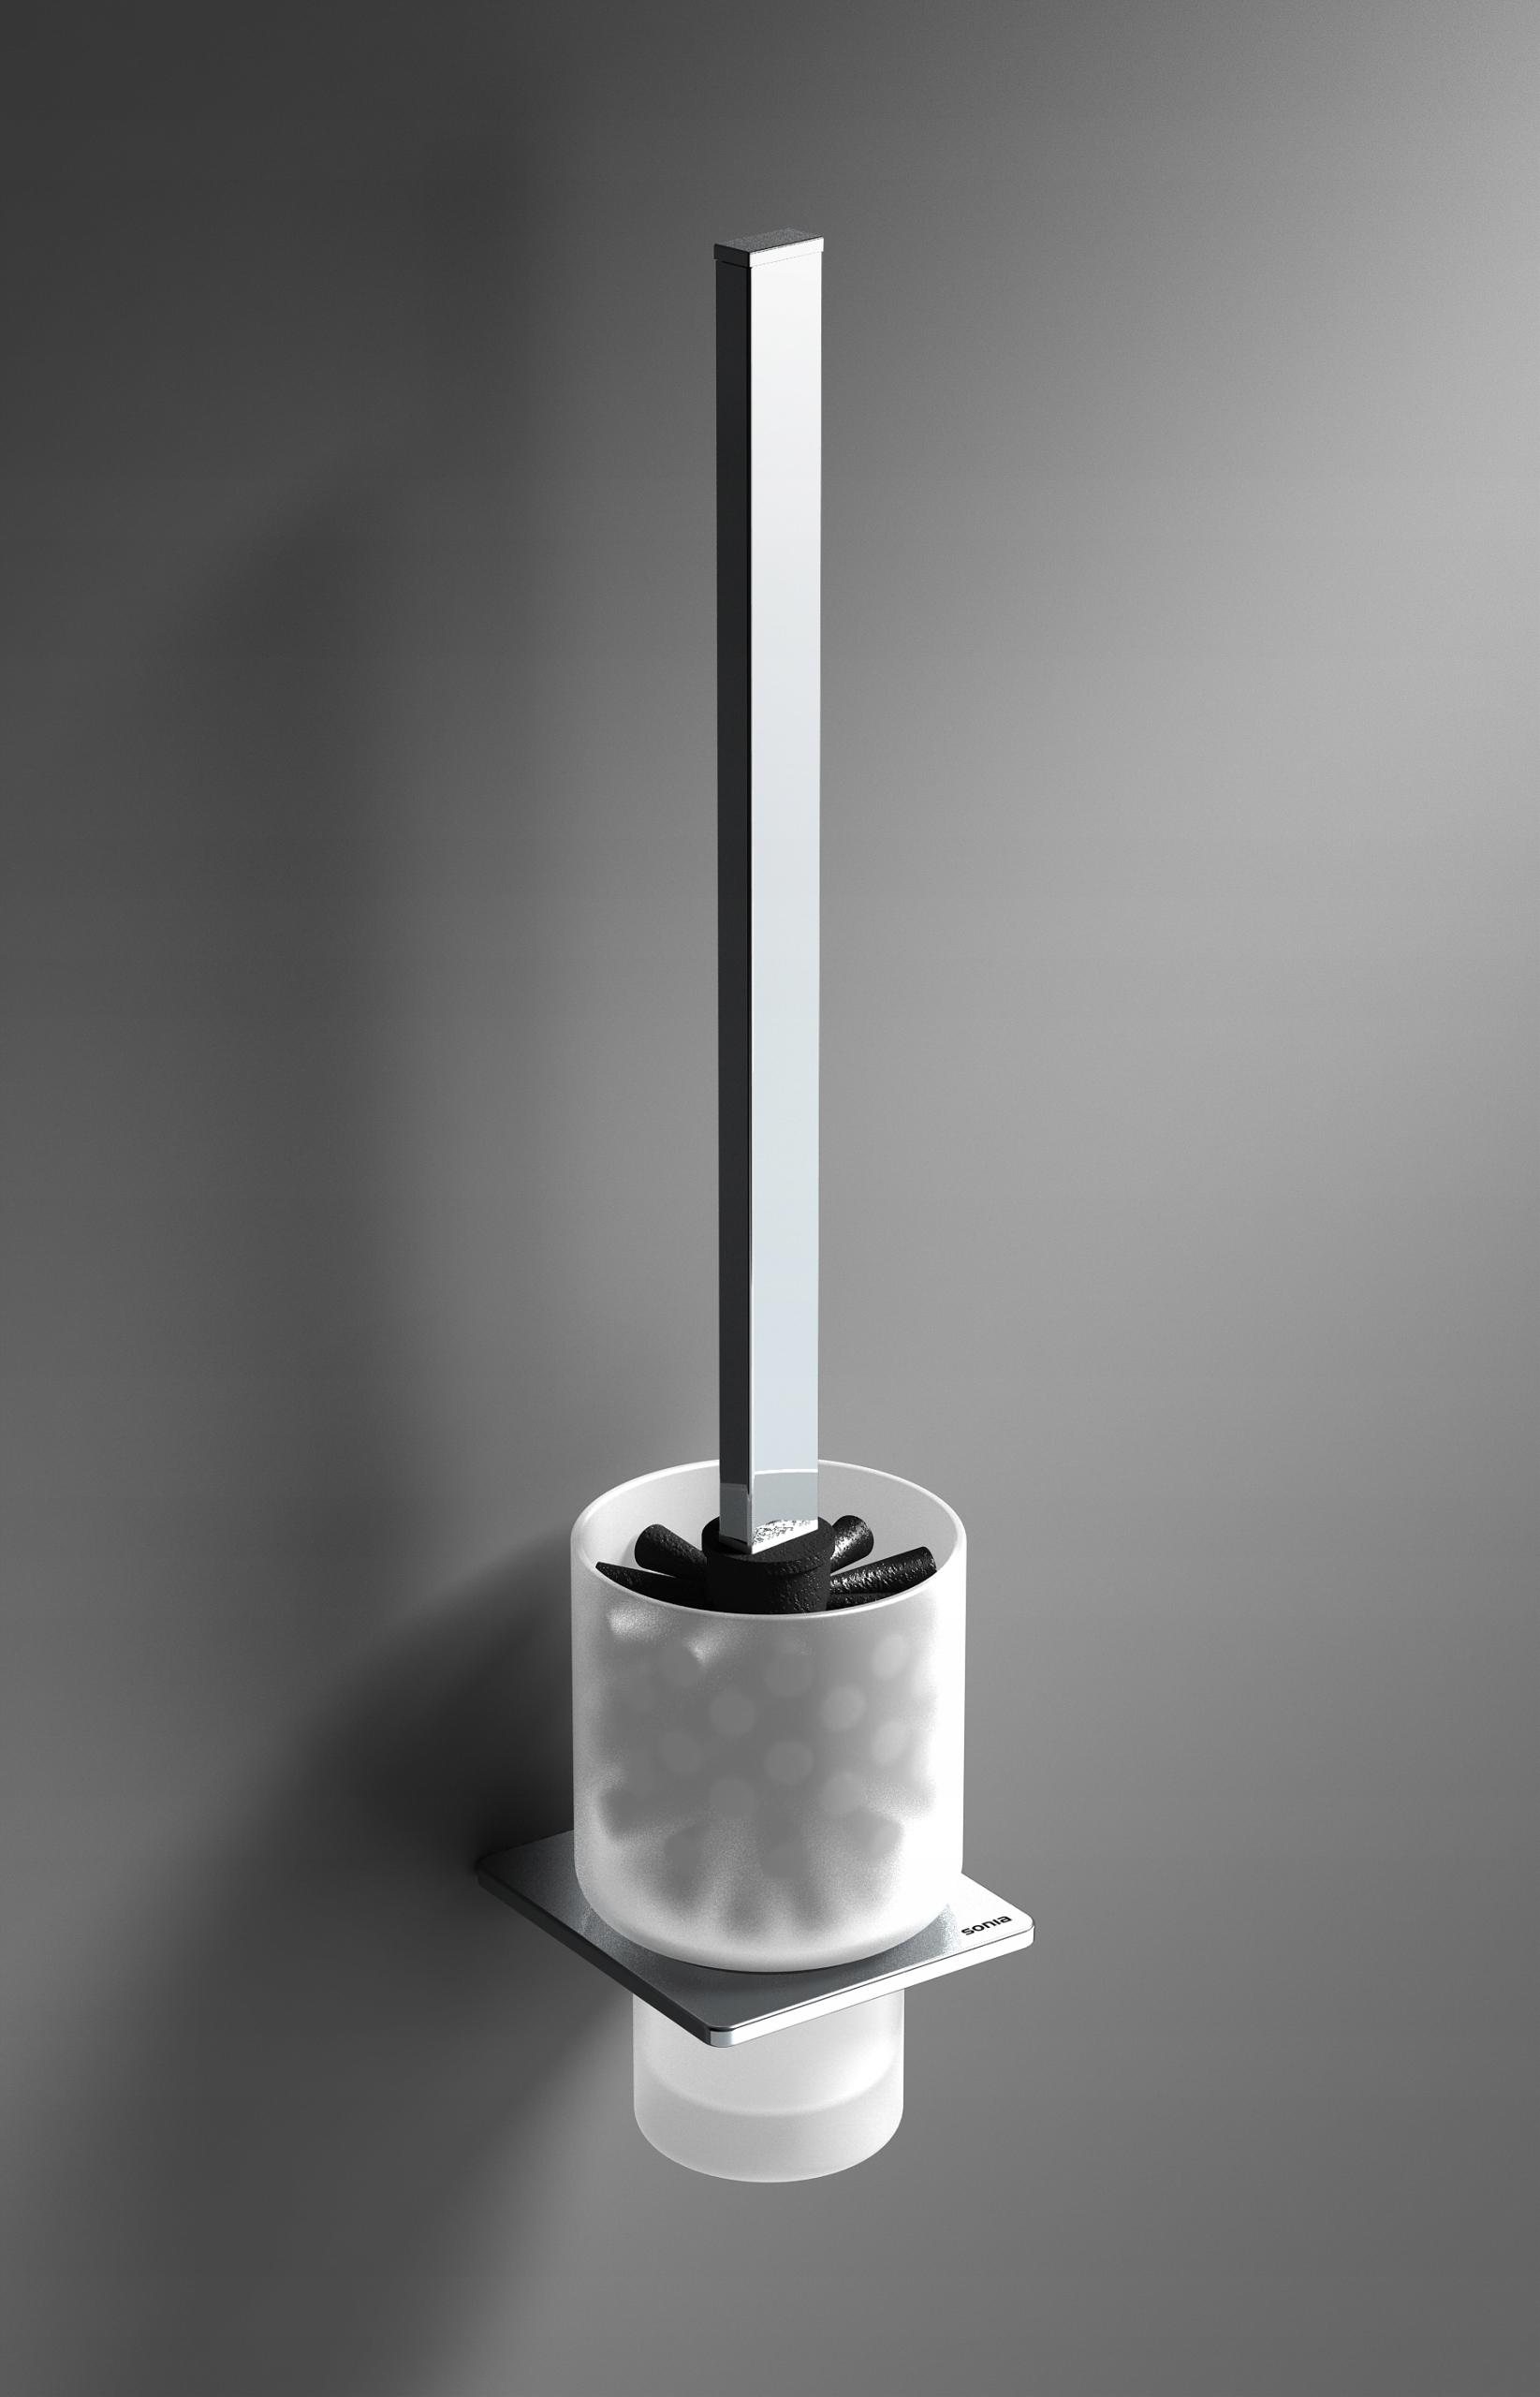 SYSTÉM Kefa WC závesné lampy SONIA S-Kocka, chrome